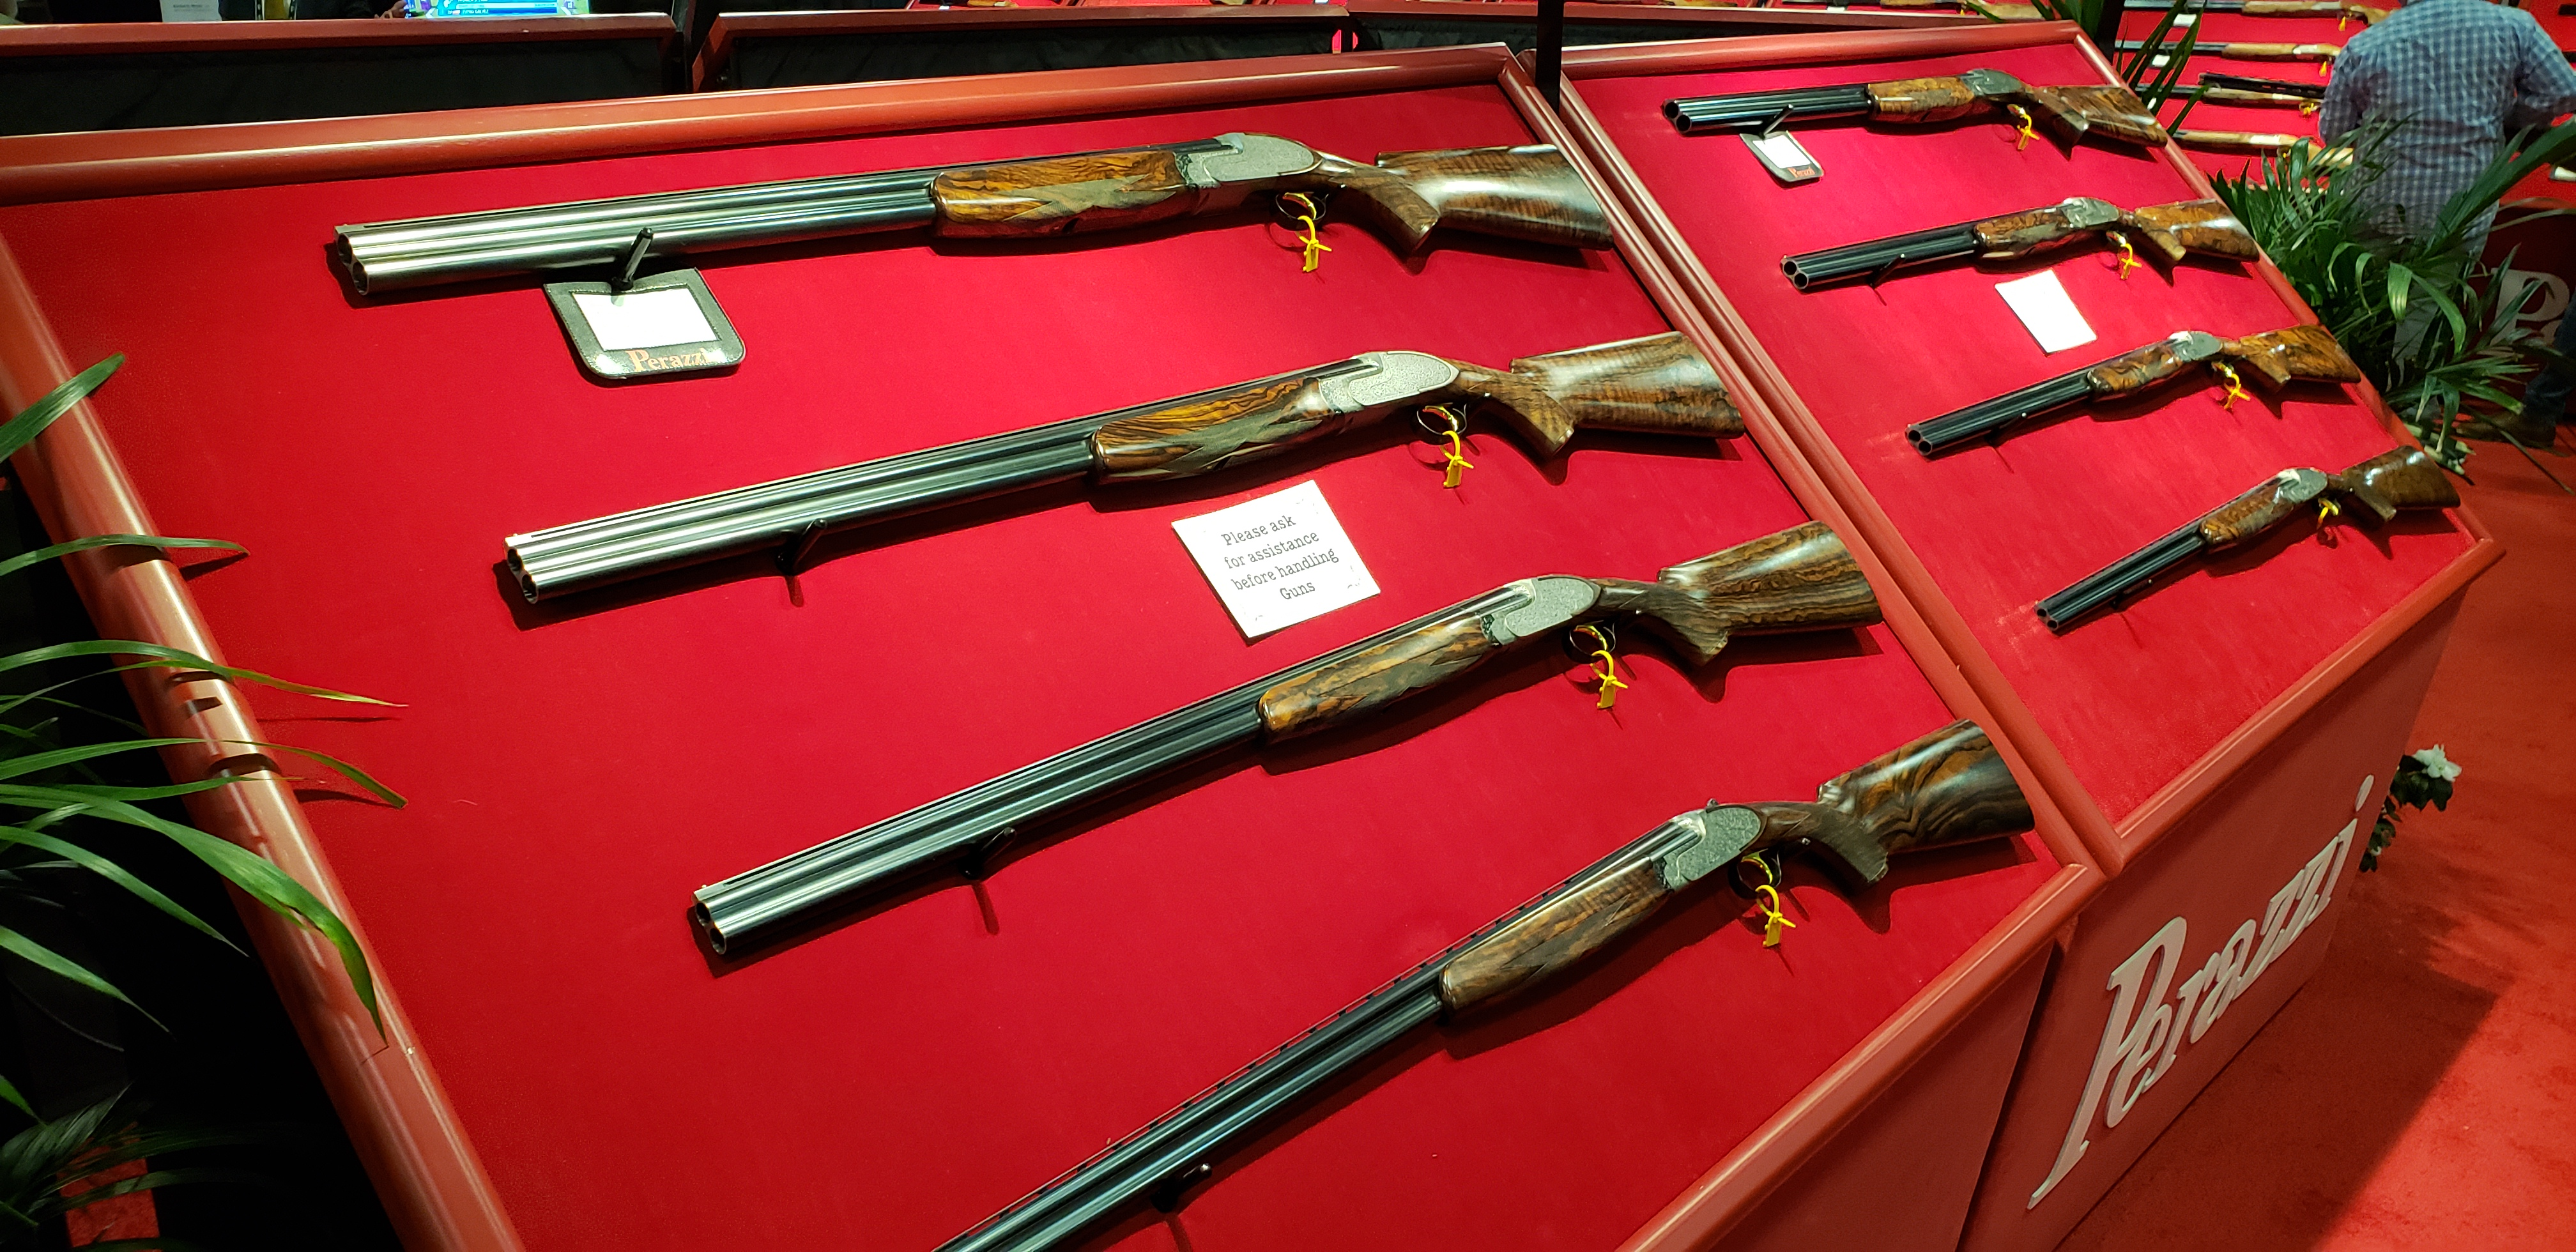 Perazzi Shotguns at SHOT Show Fantasy Land